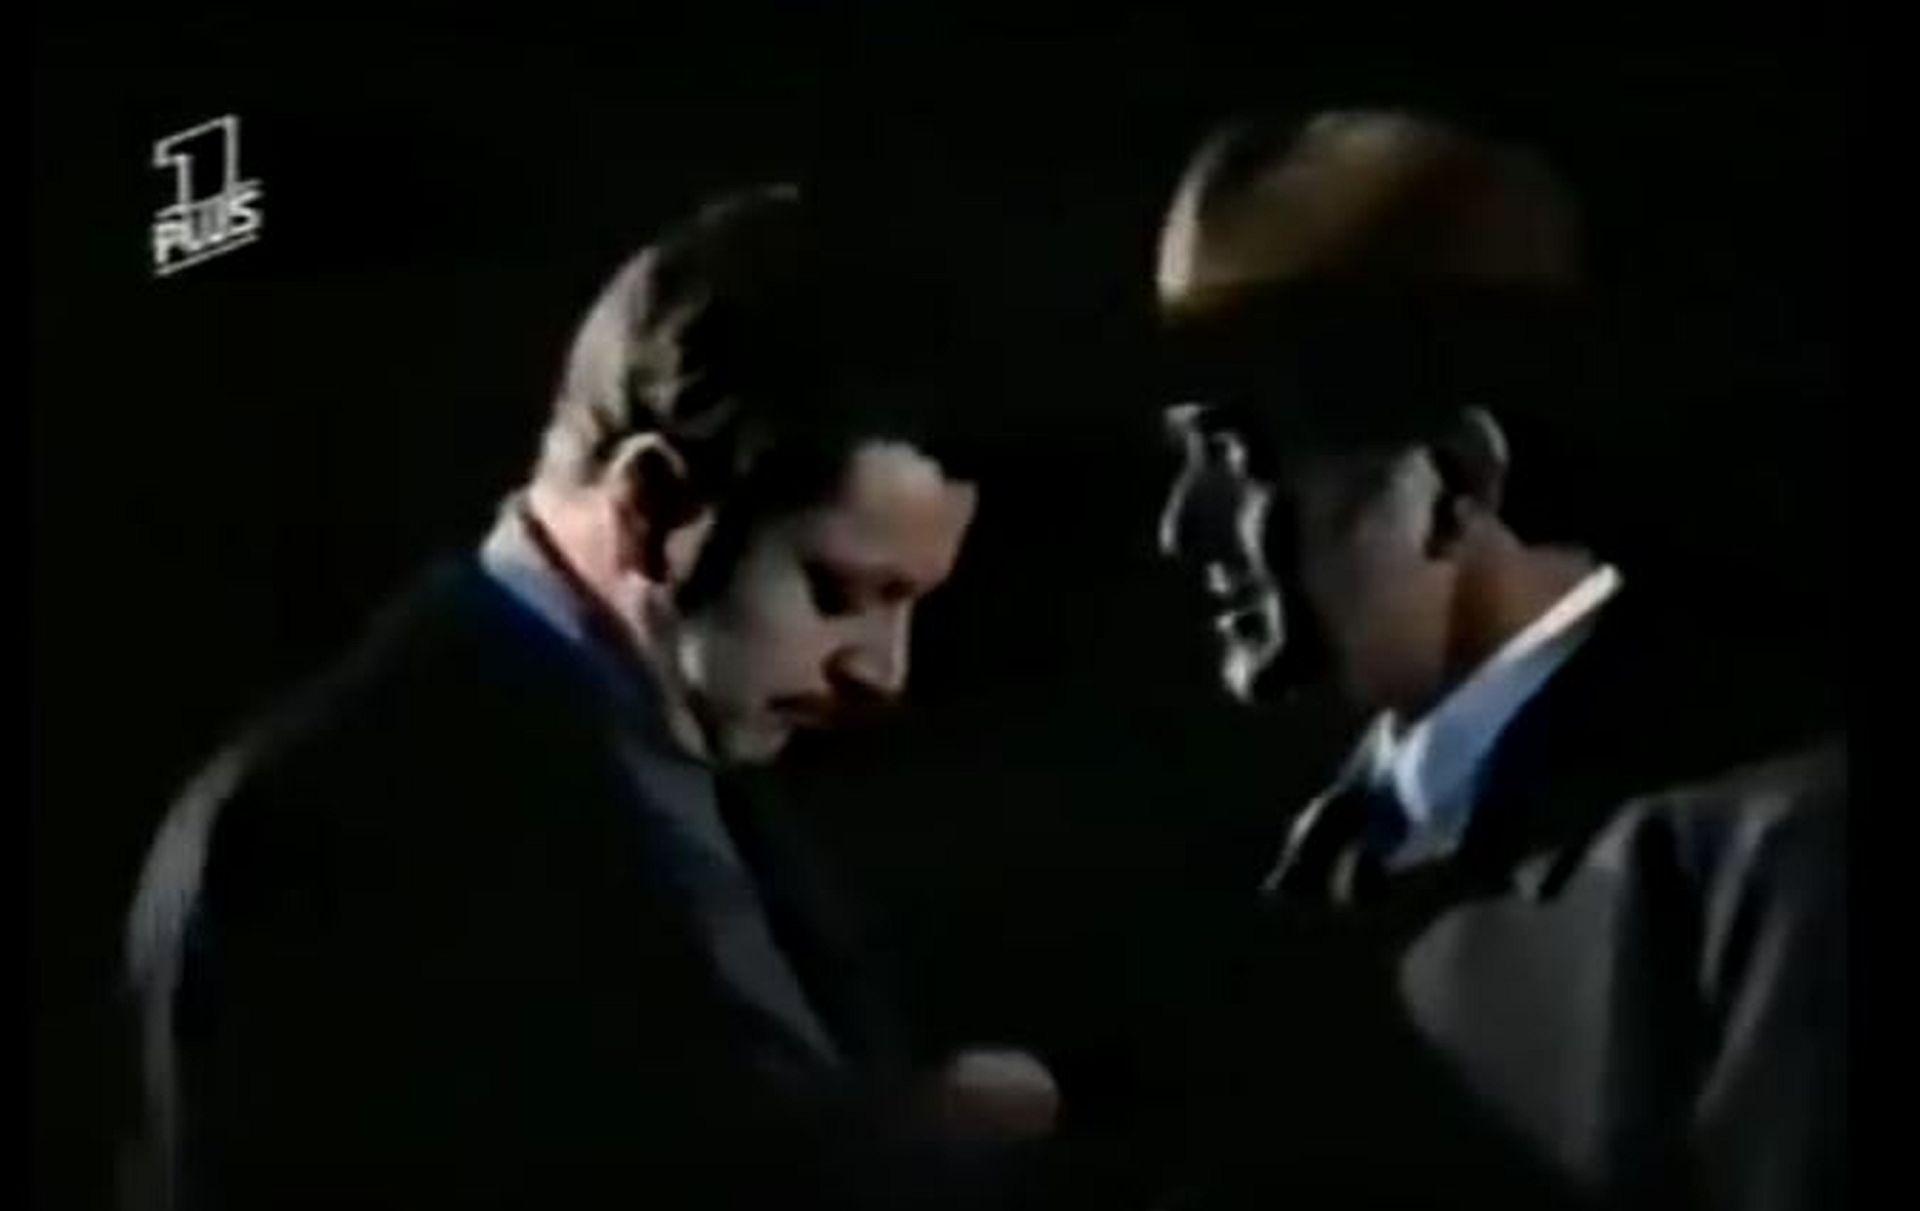 Auf.offener.Strasse.1992.German.1080p.HDTV.x264-NORETAiL